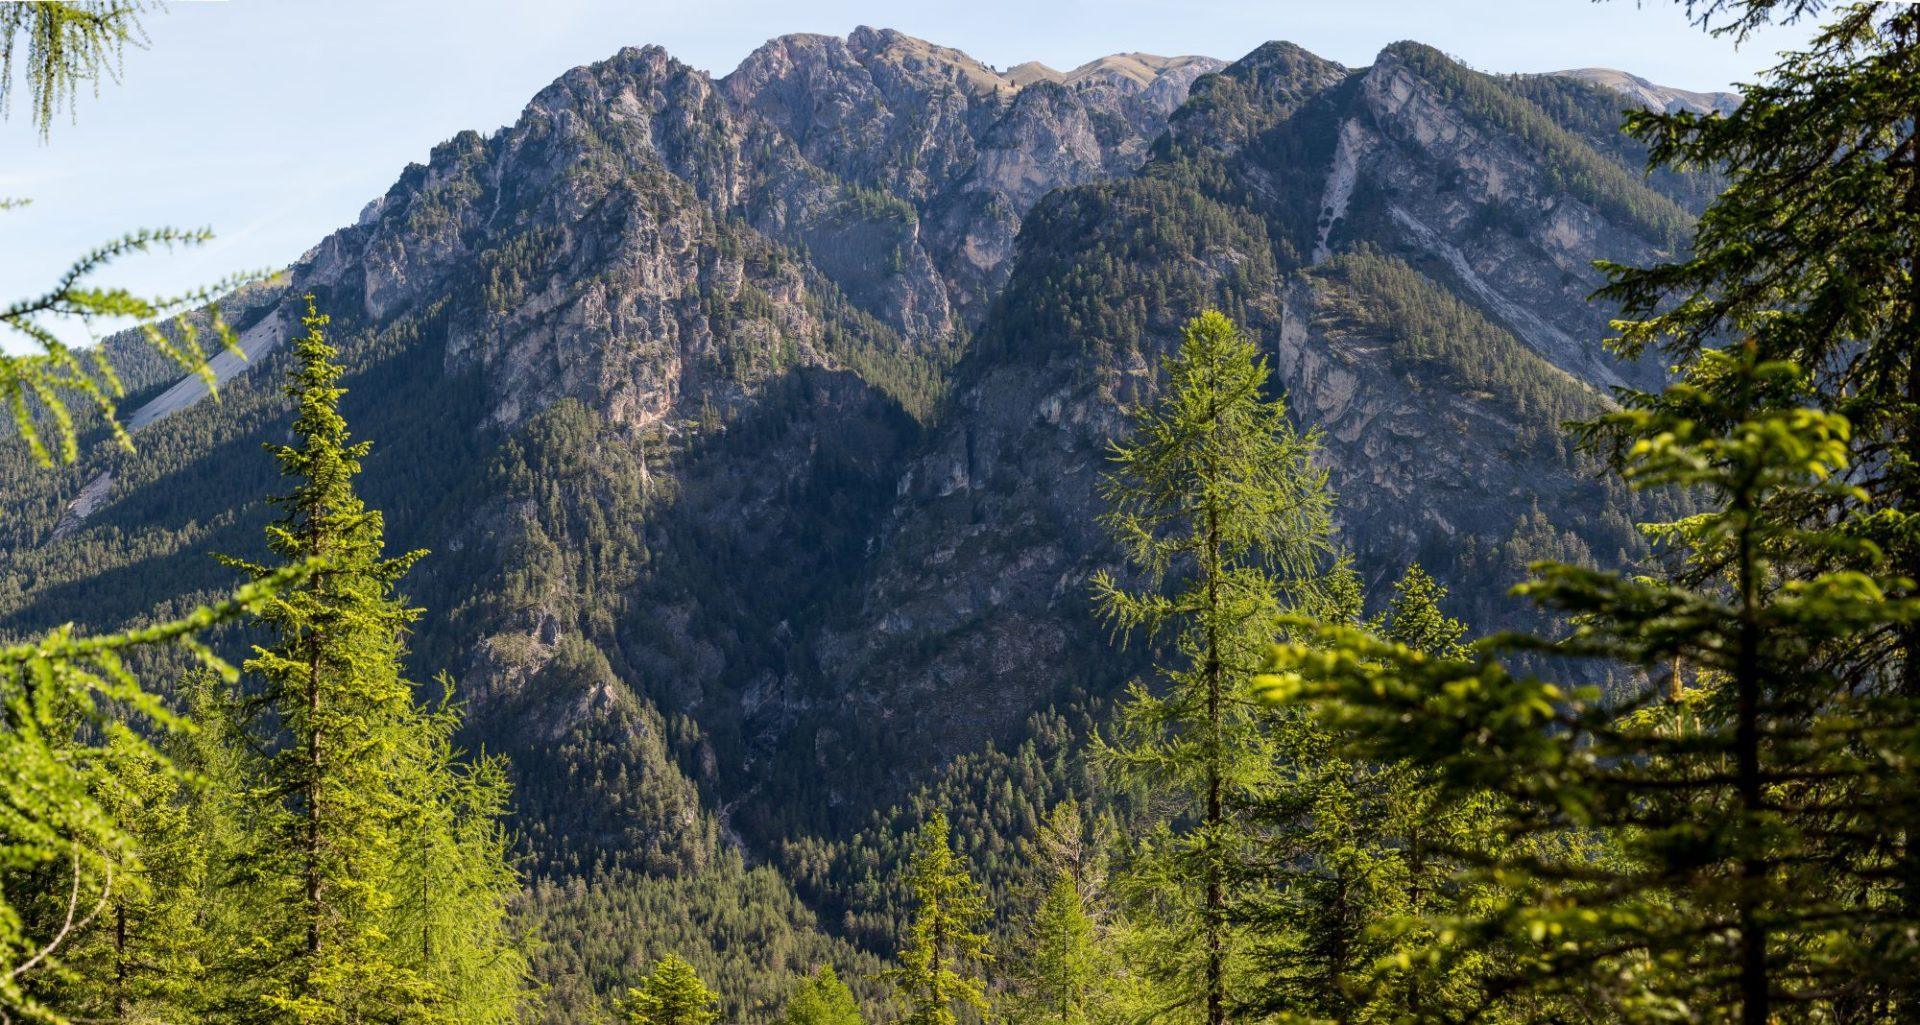 Klettern und Naturschutz: Verzicht auf Neuerschließungen